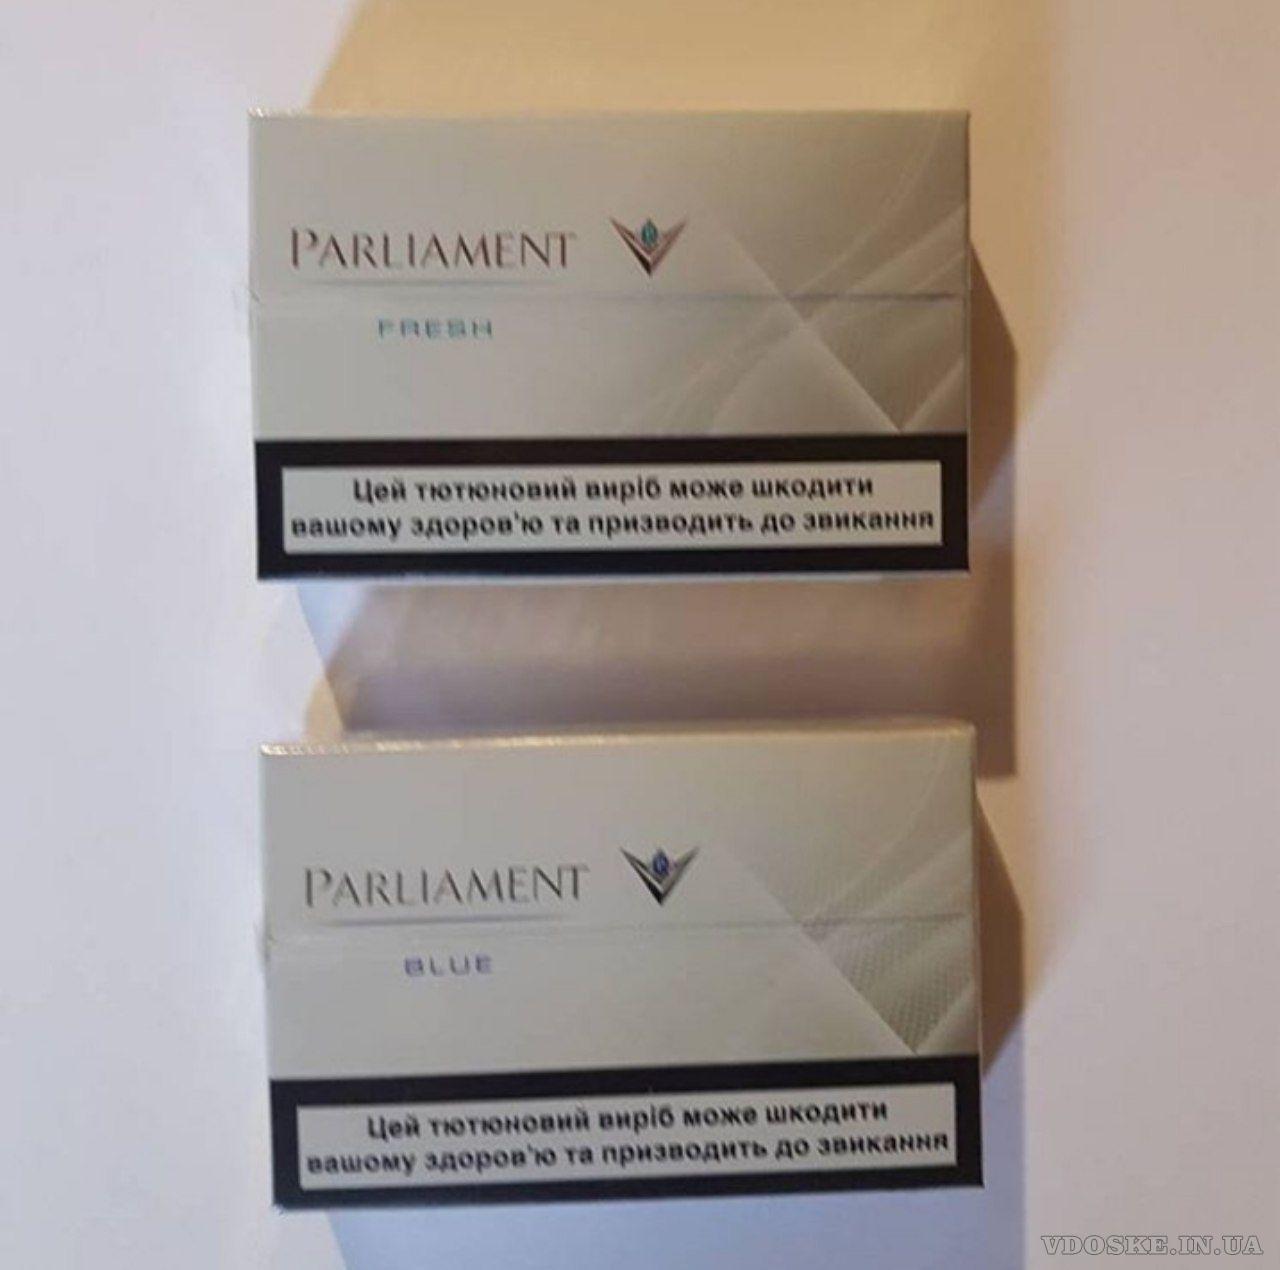 Продам стики Heets Marlboro Parliament Neostiks Kent от 5 блоков (5)